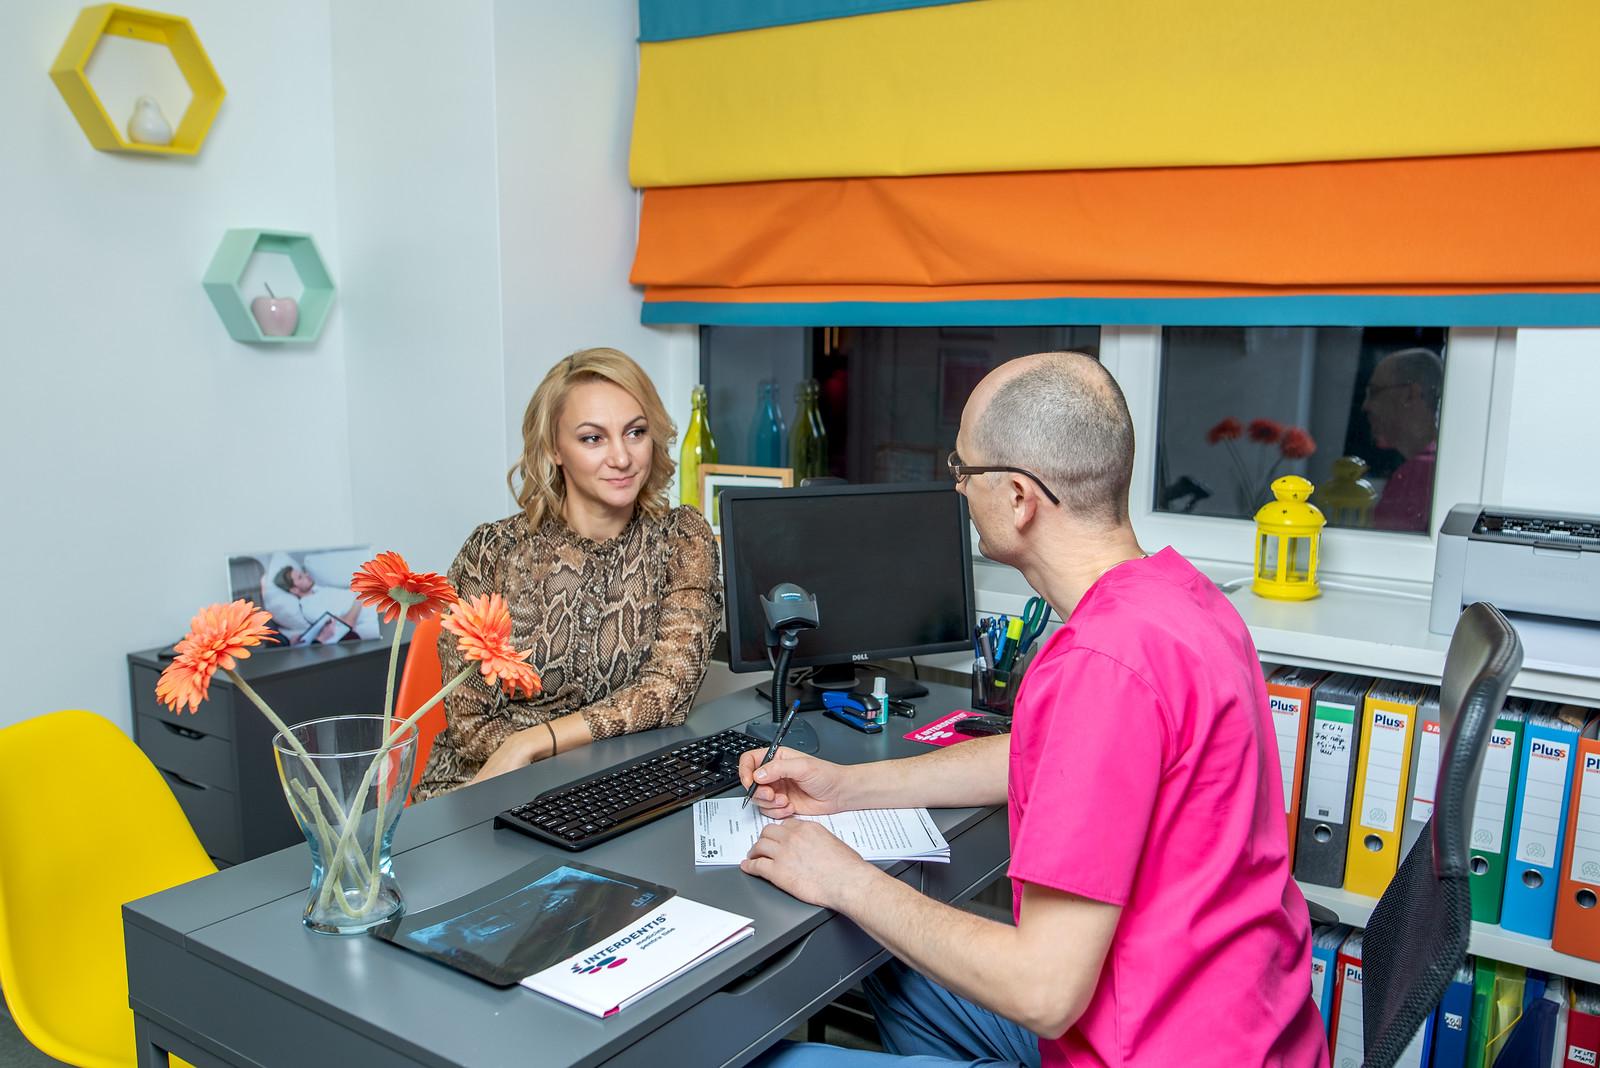 Prima vizita clinica stomatologica Interdentis Pascani